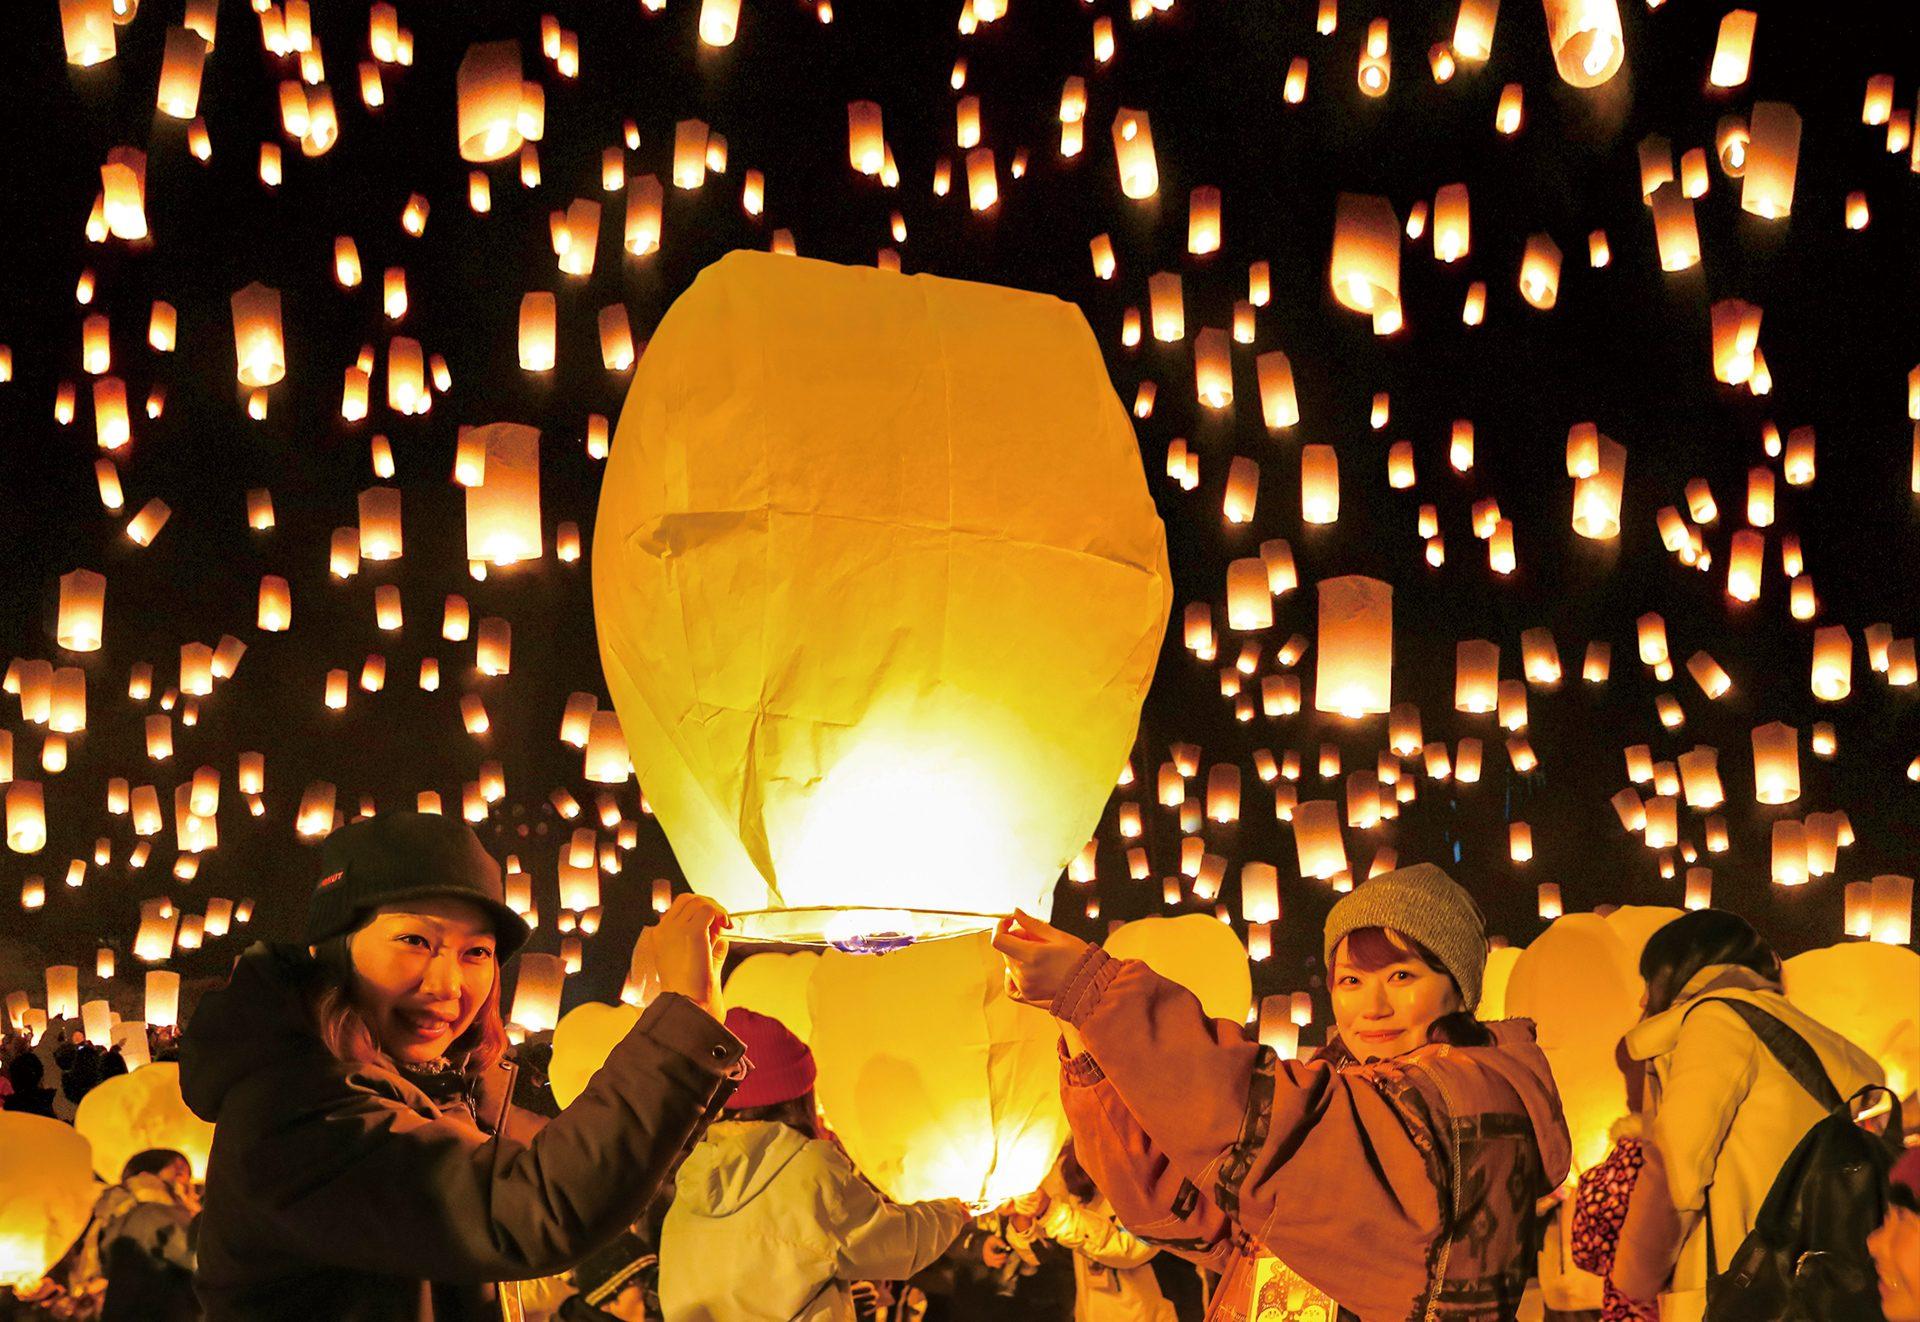 幾千ものスカイランタンが皆の願いを天に運ぶ。 冬の夜空にゆっくり浮かぶ無数のスカイランタン、幻想的な時を体感ください。